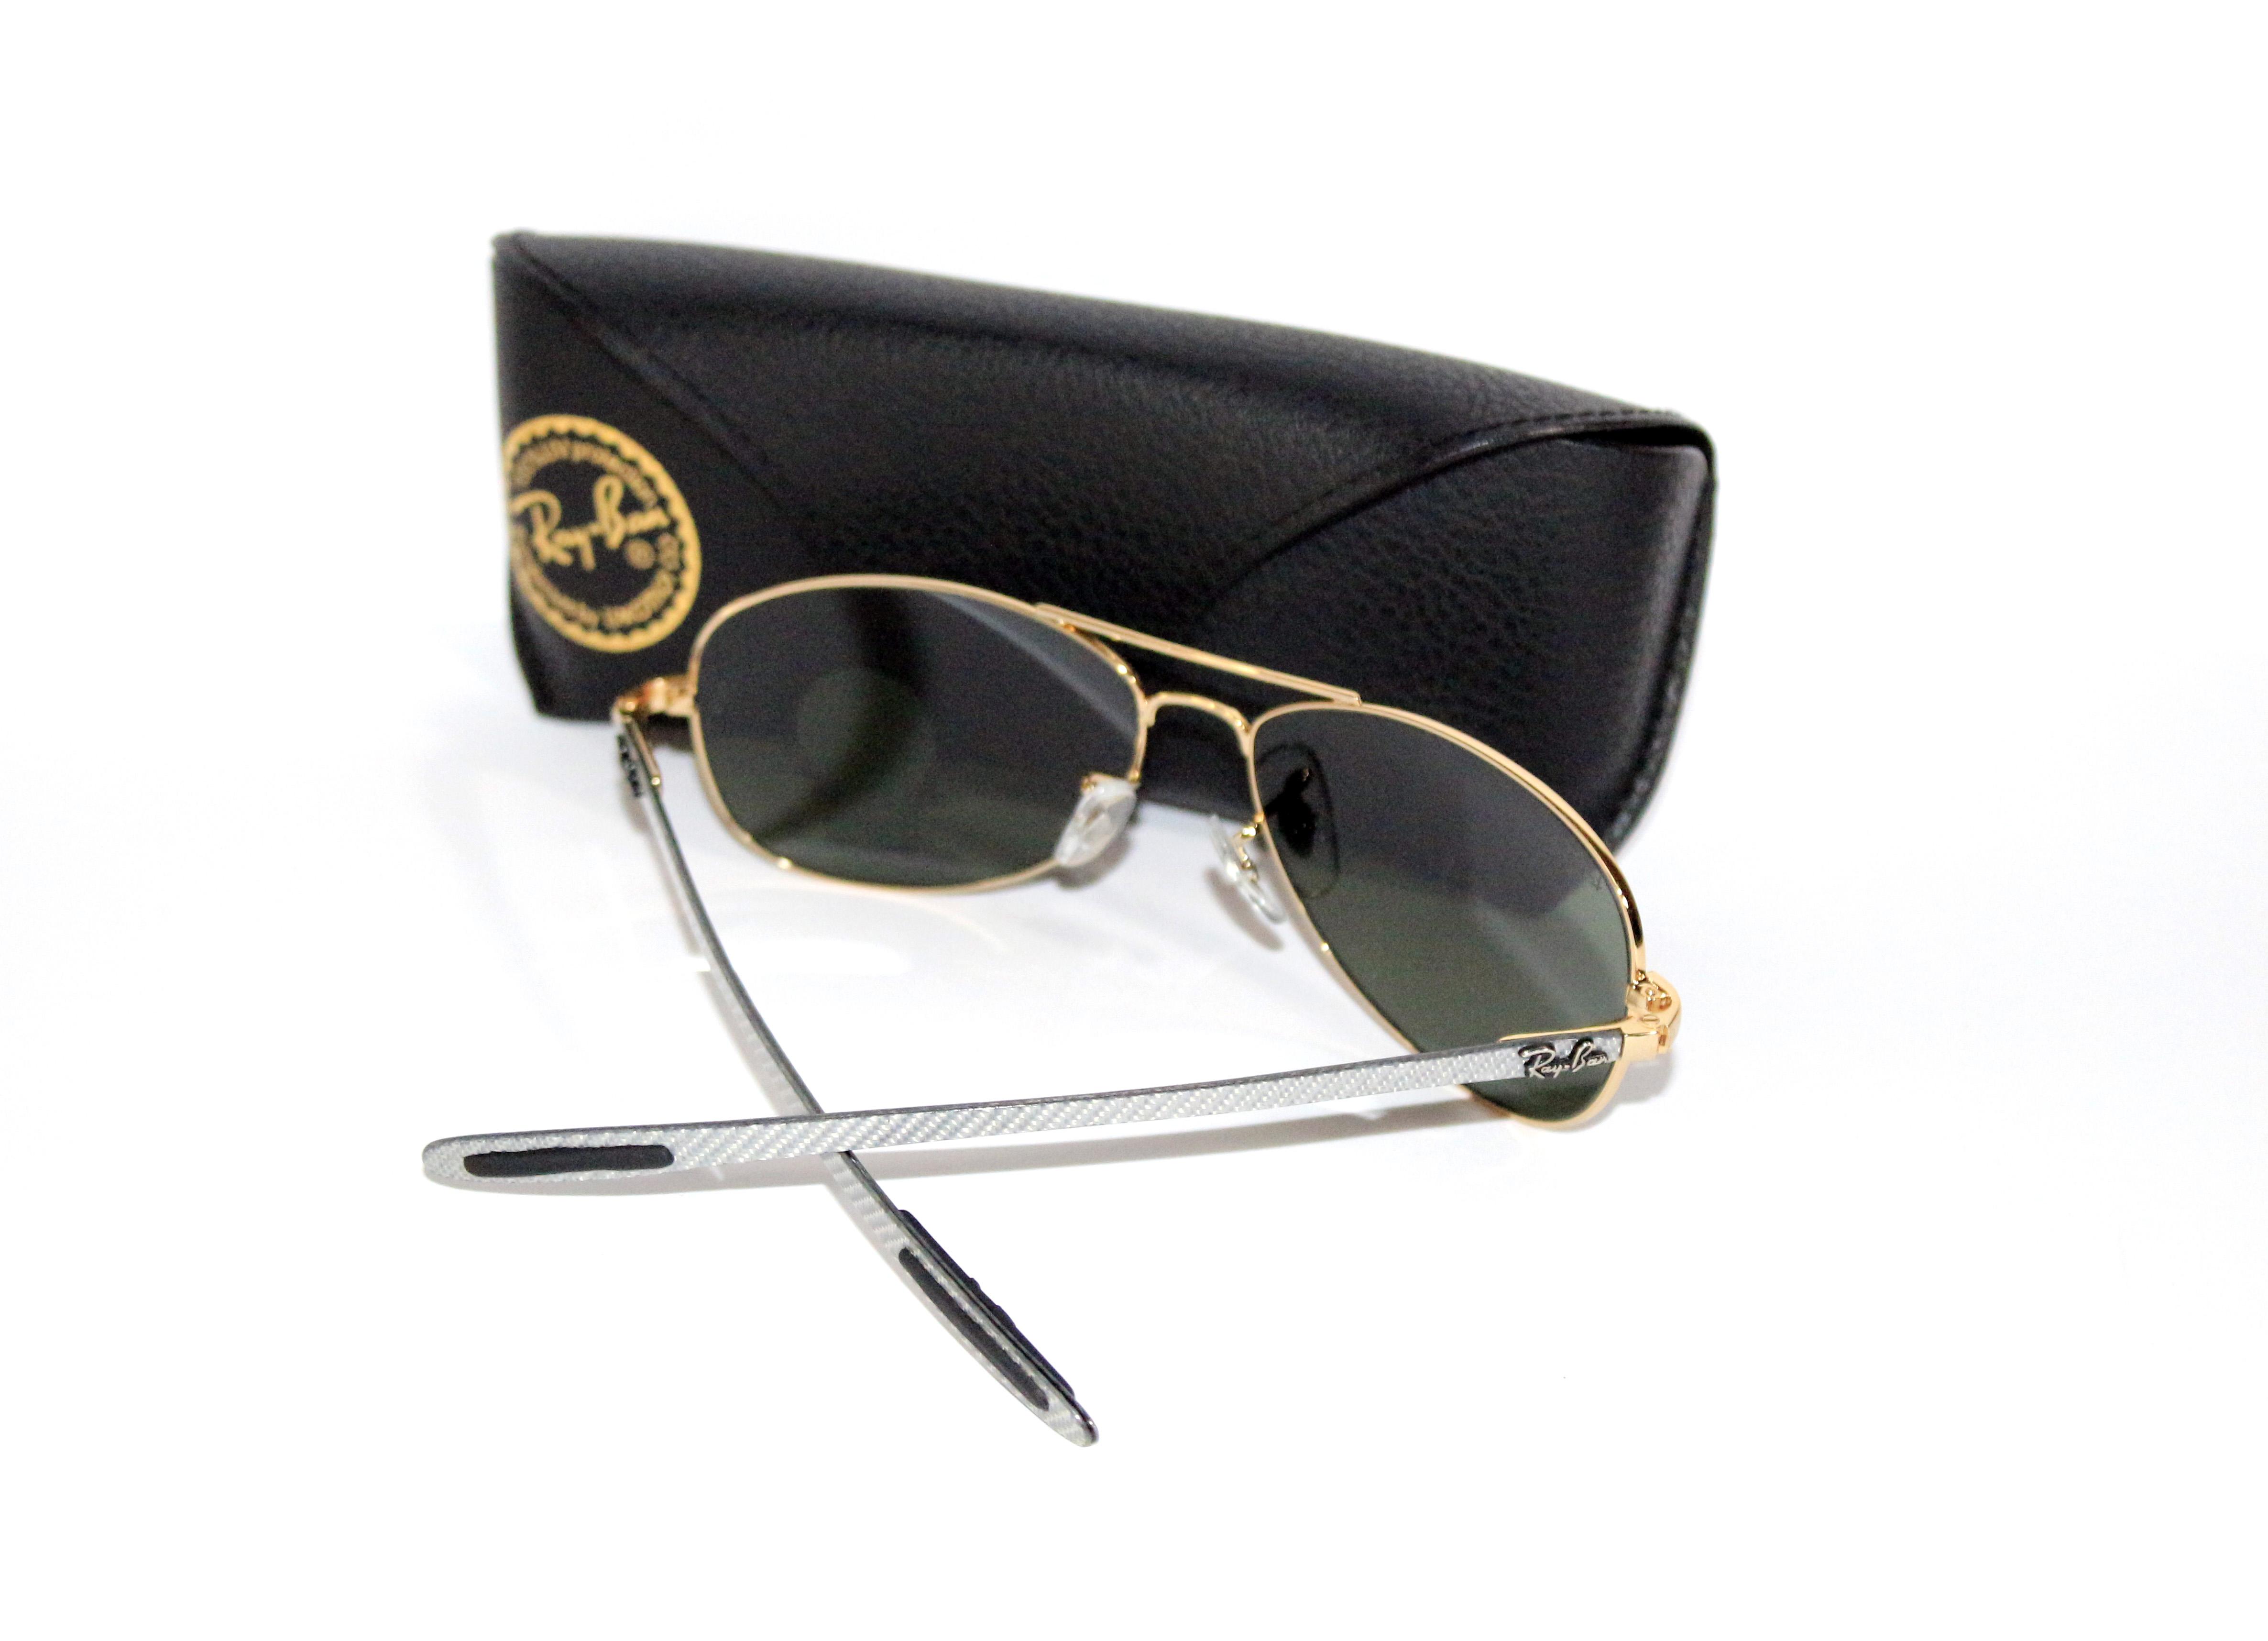 В продажі оригінальні сонячні окуляри Ray Ban зі знижкою до -50 %! -  Оголошення - УкрБізнес 4d899eb3d2530